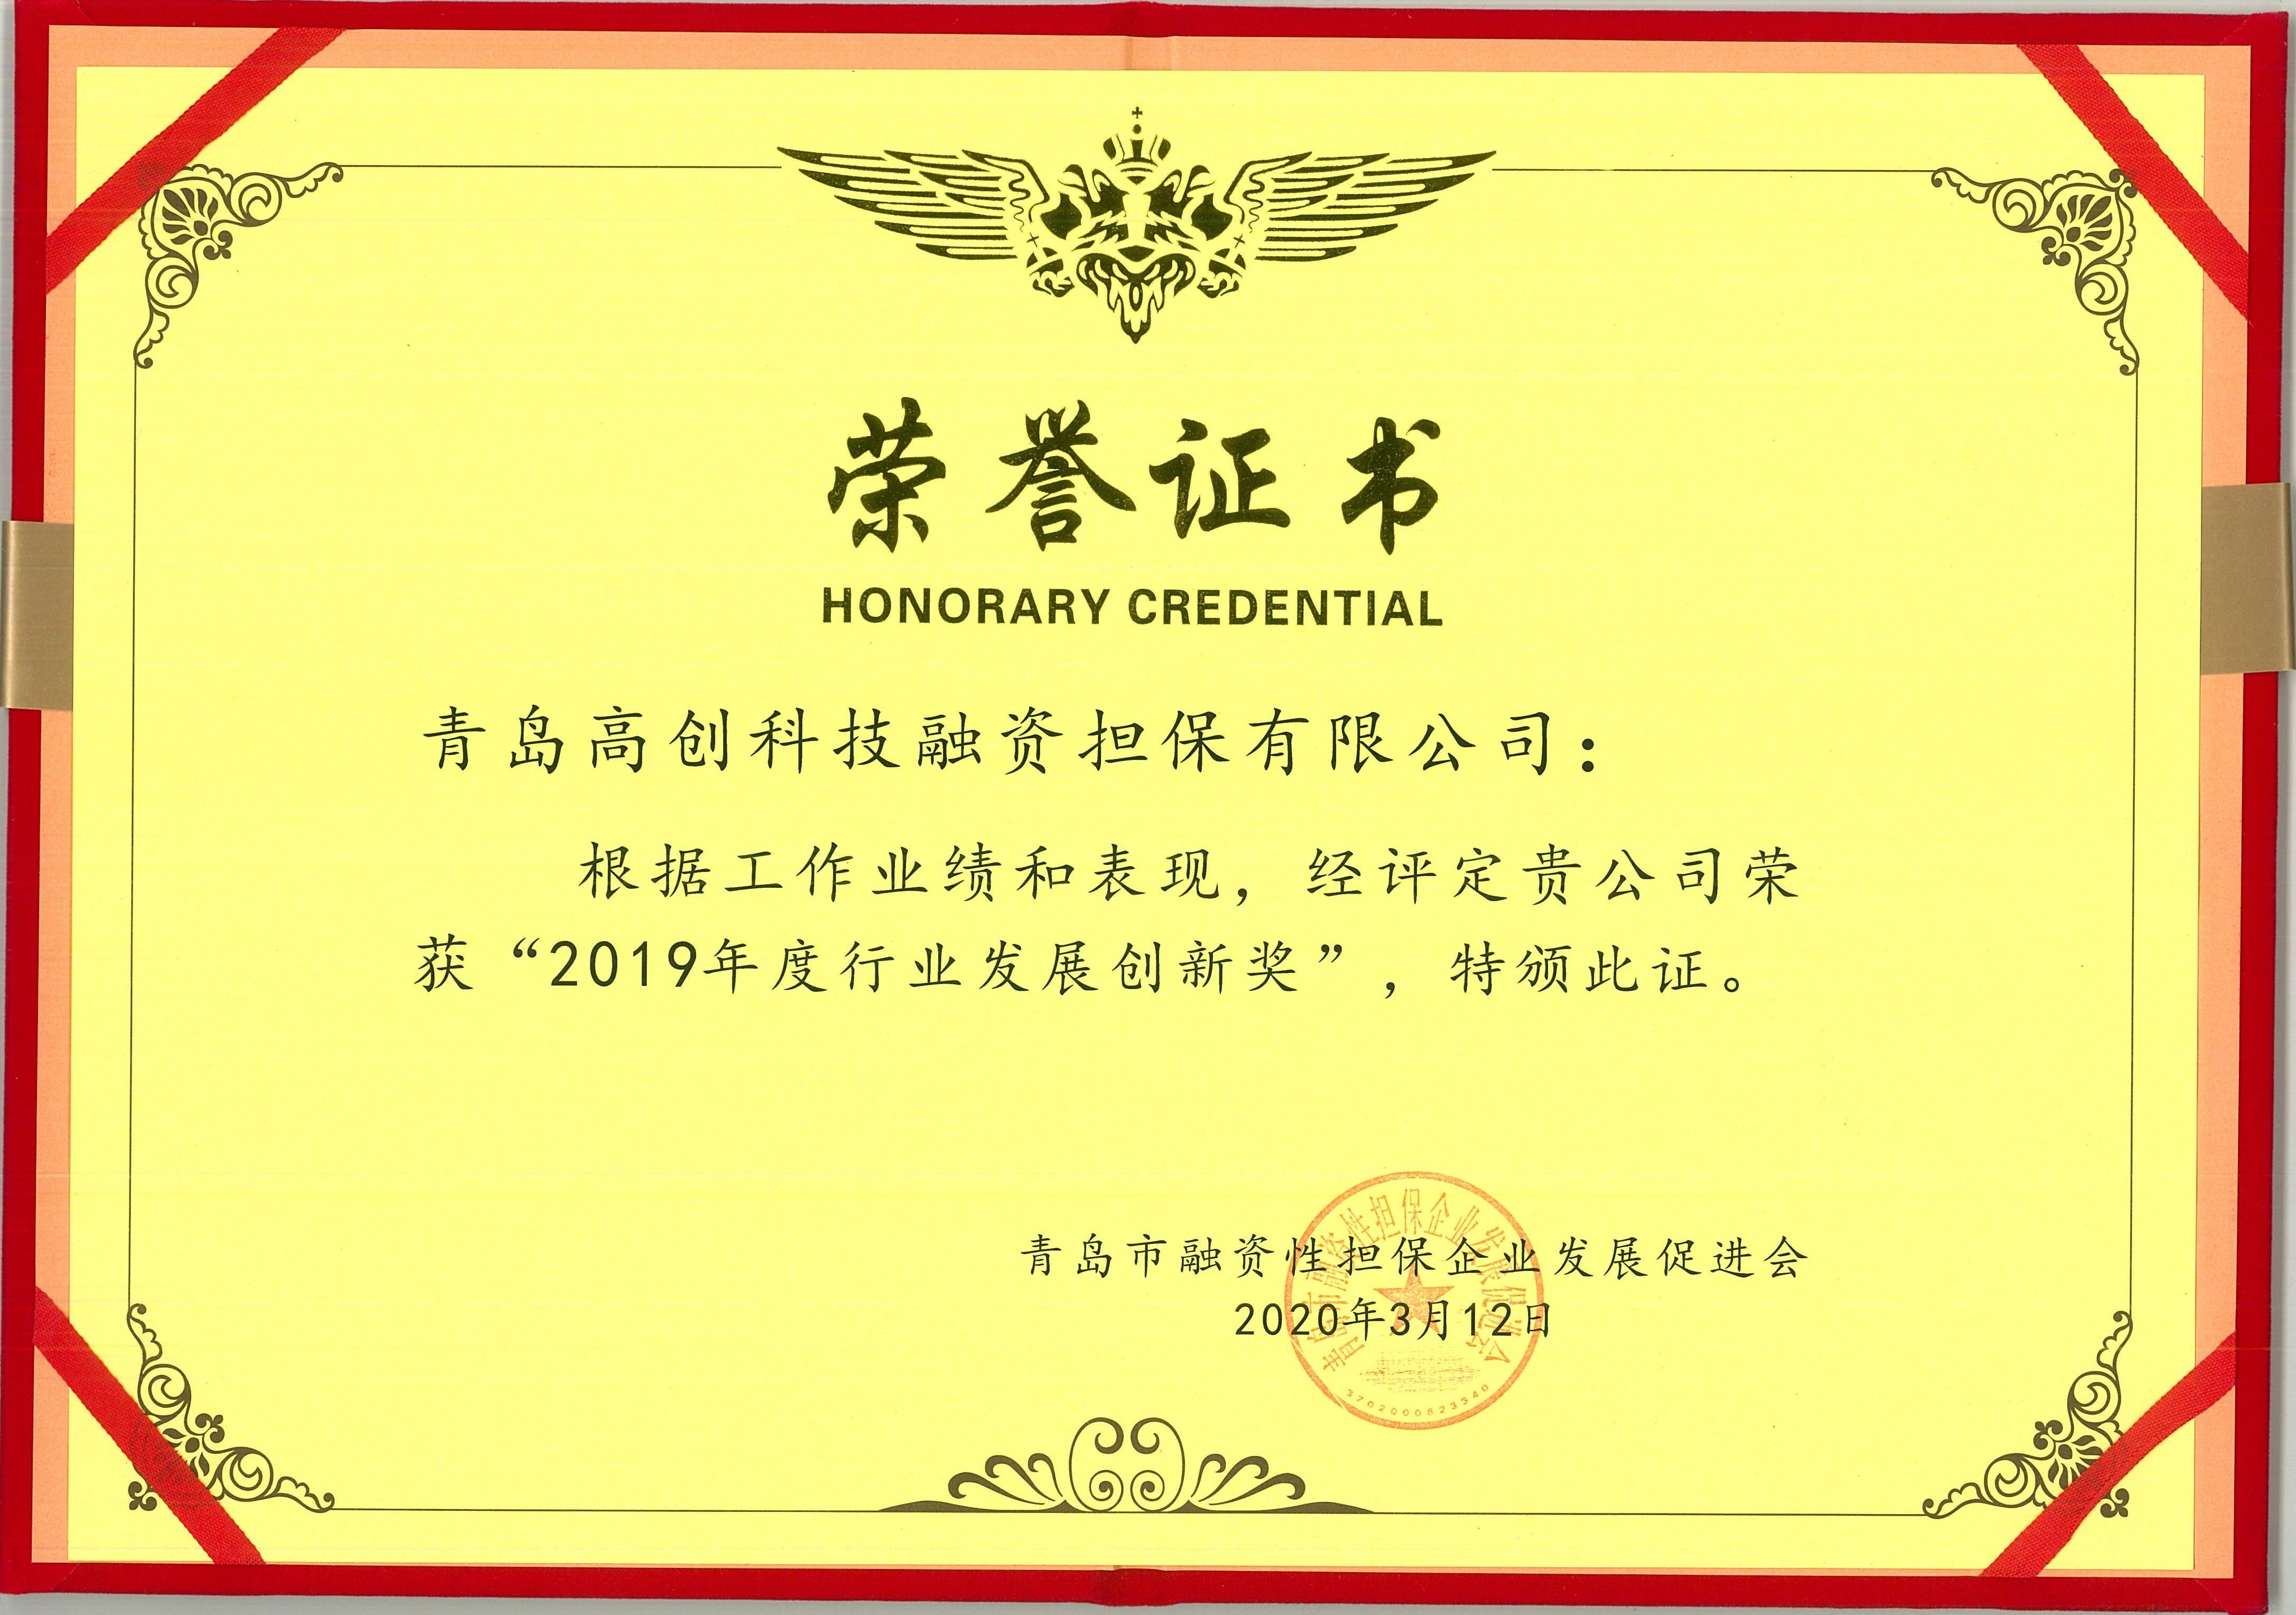 2019年度行业发展创新奖(青岛高创科技融资担保有限公司)